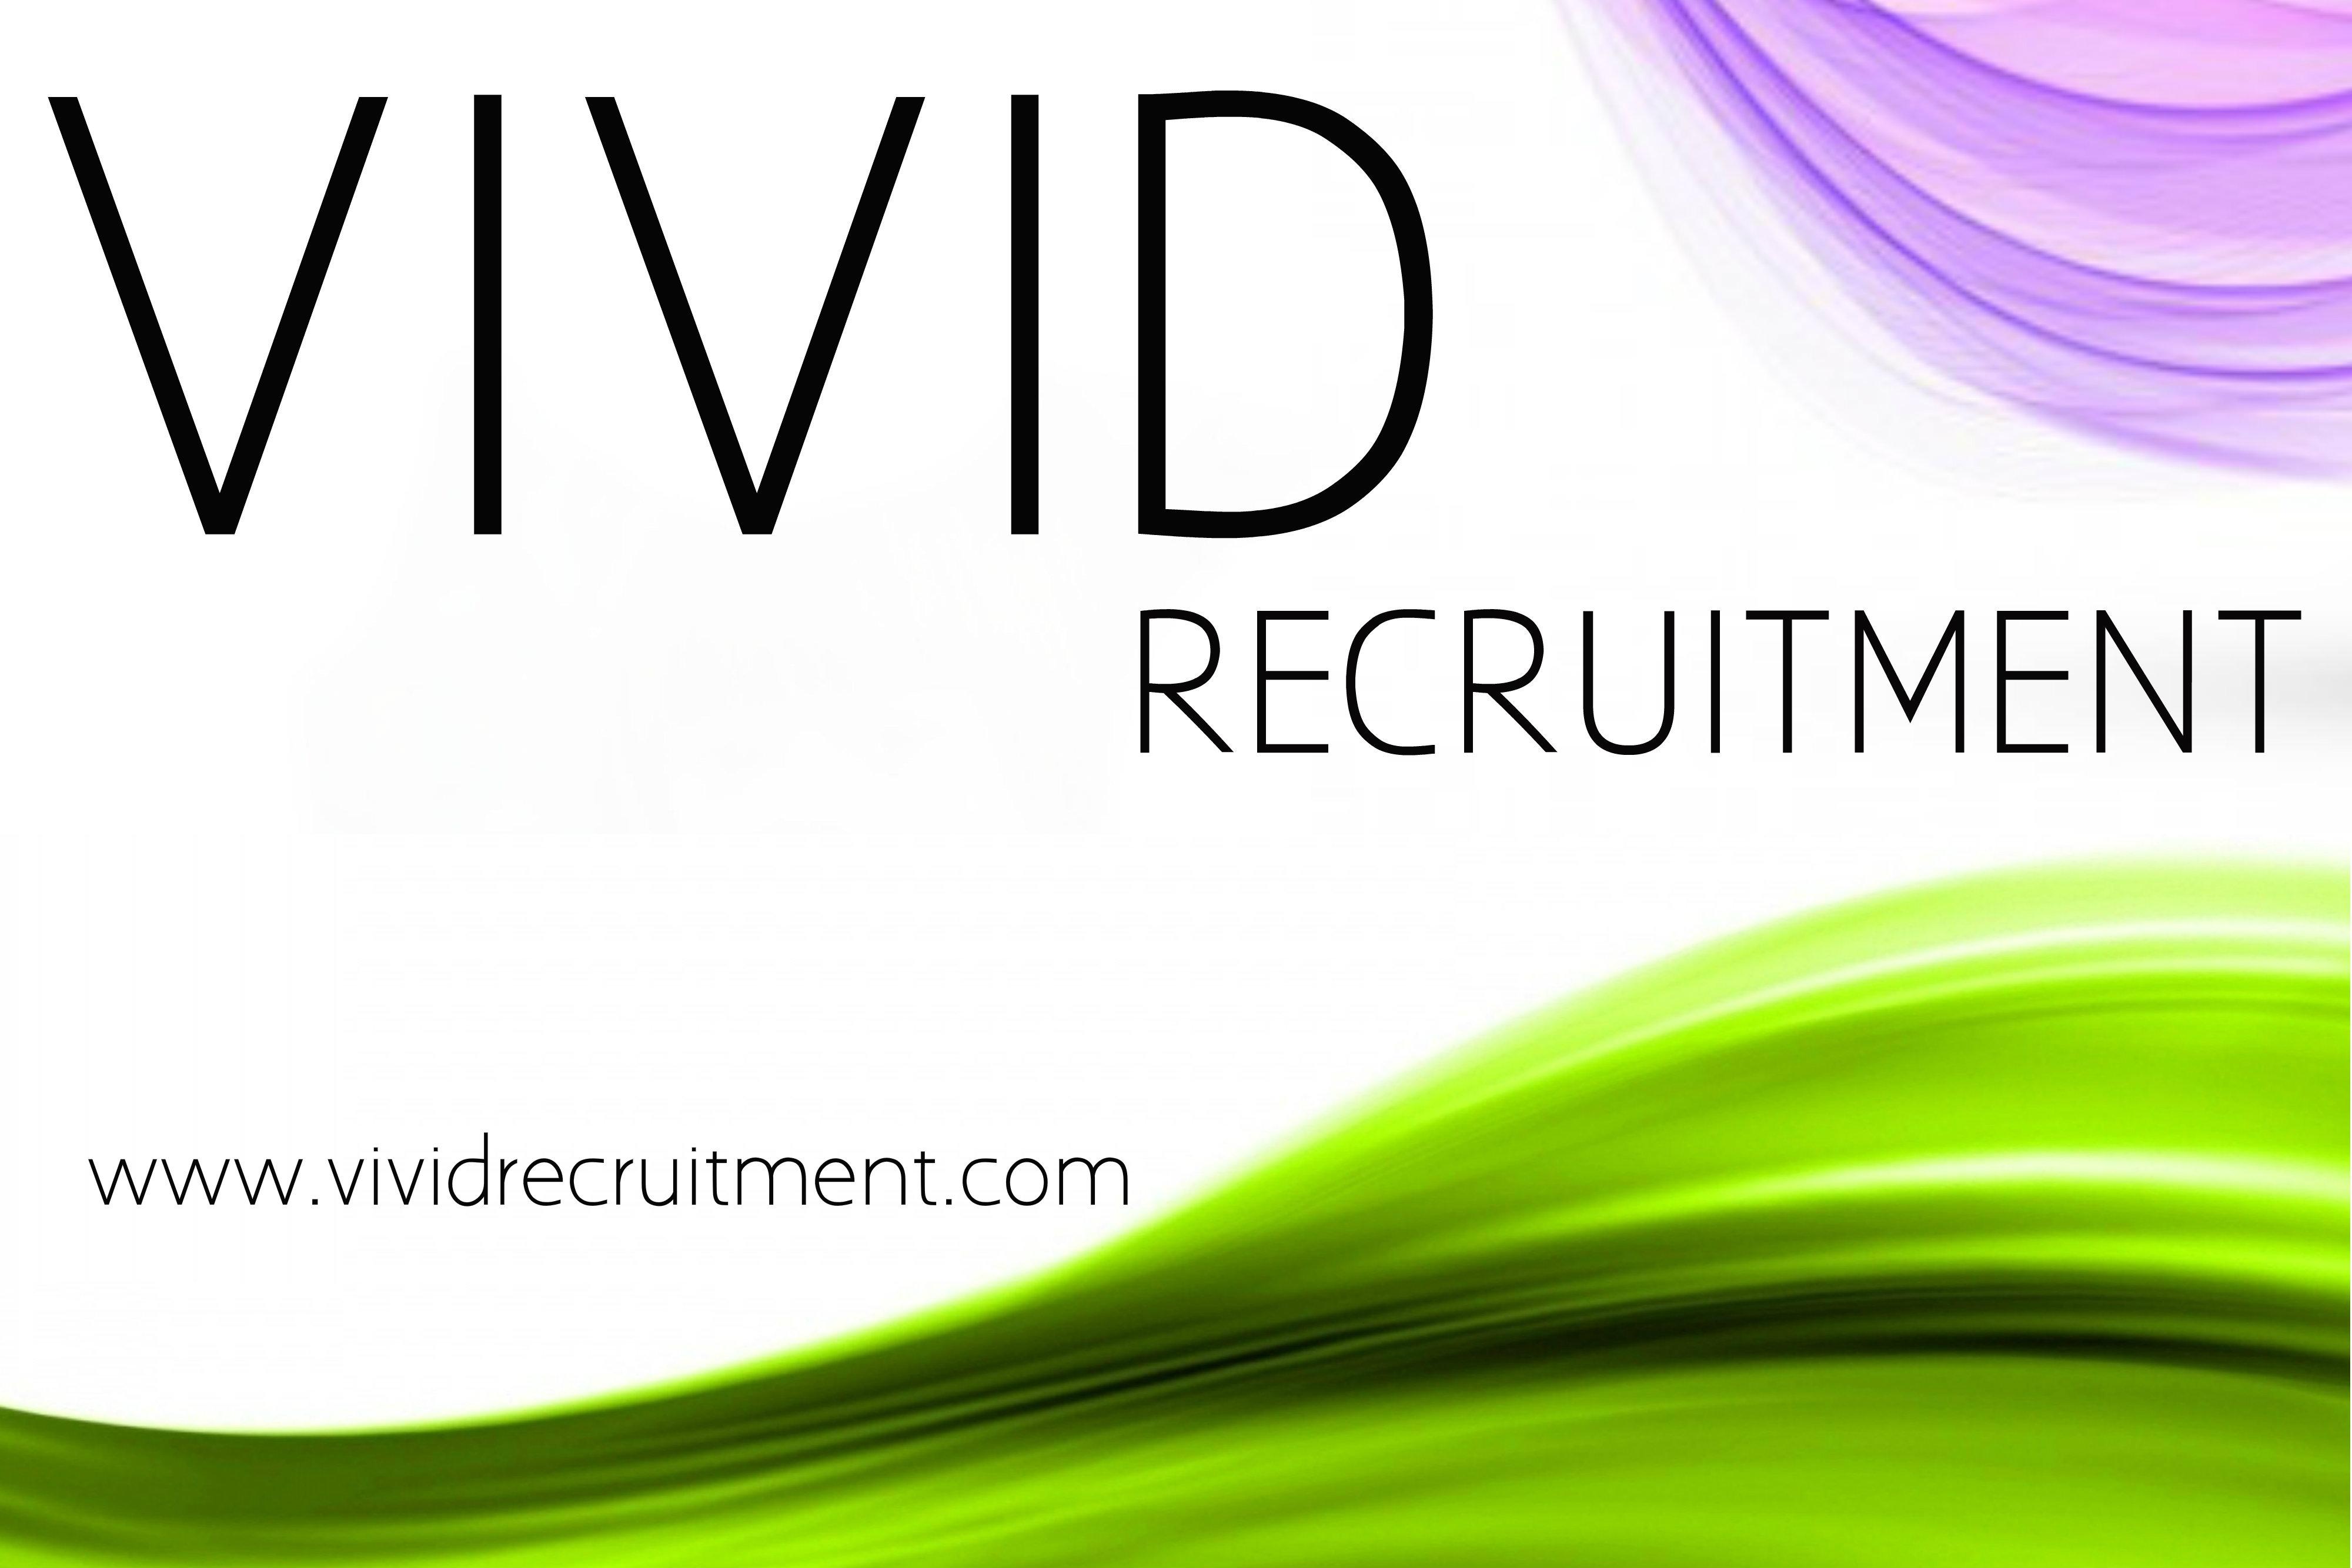 Vivid Recruitment